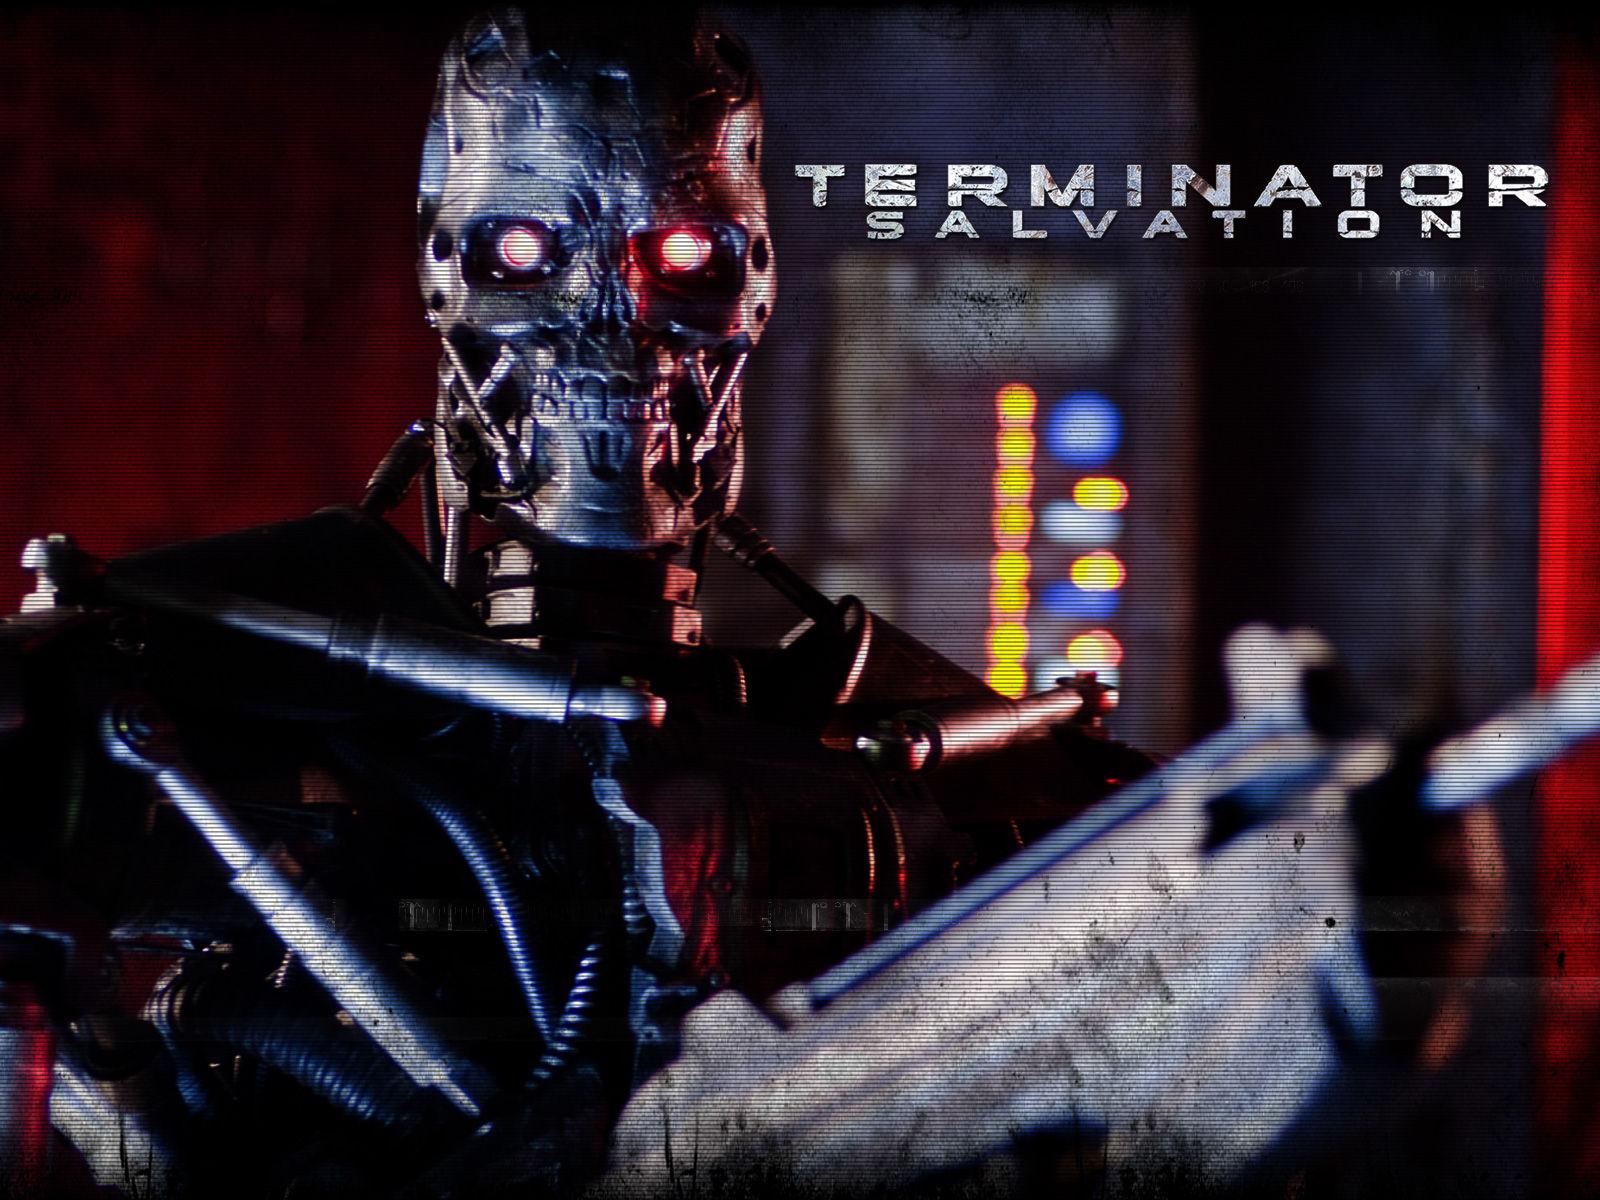 http://2.bp.blogspot.com/_swZuHDFyVM4/TM8IJUCDIQI/AAAAAAAAAp8/Ylg9Hc27pvw/s1600/terminator+4_salvation_+_+%2811%29.jpg